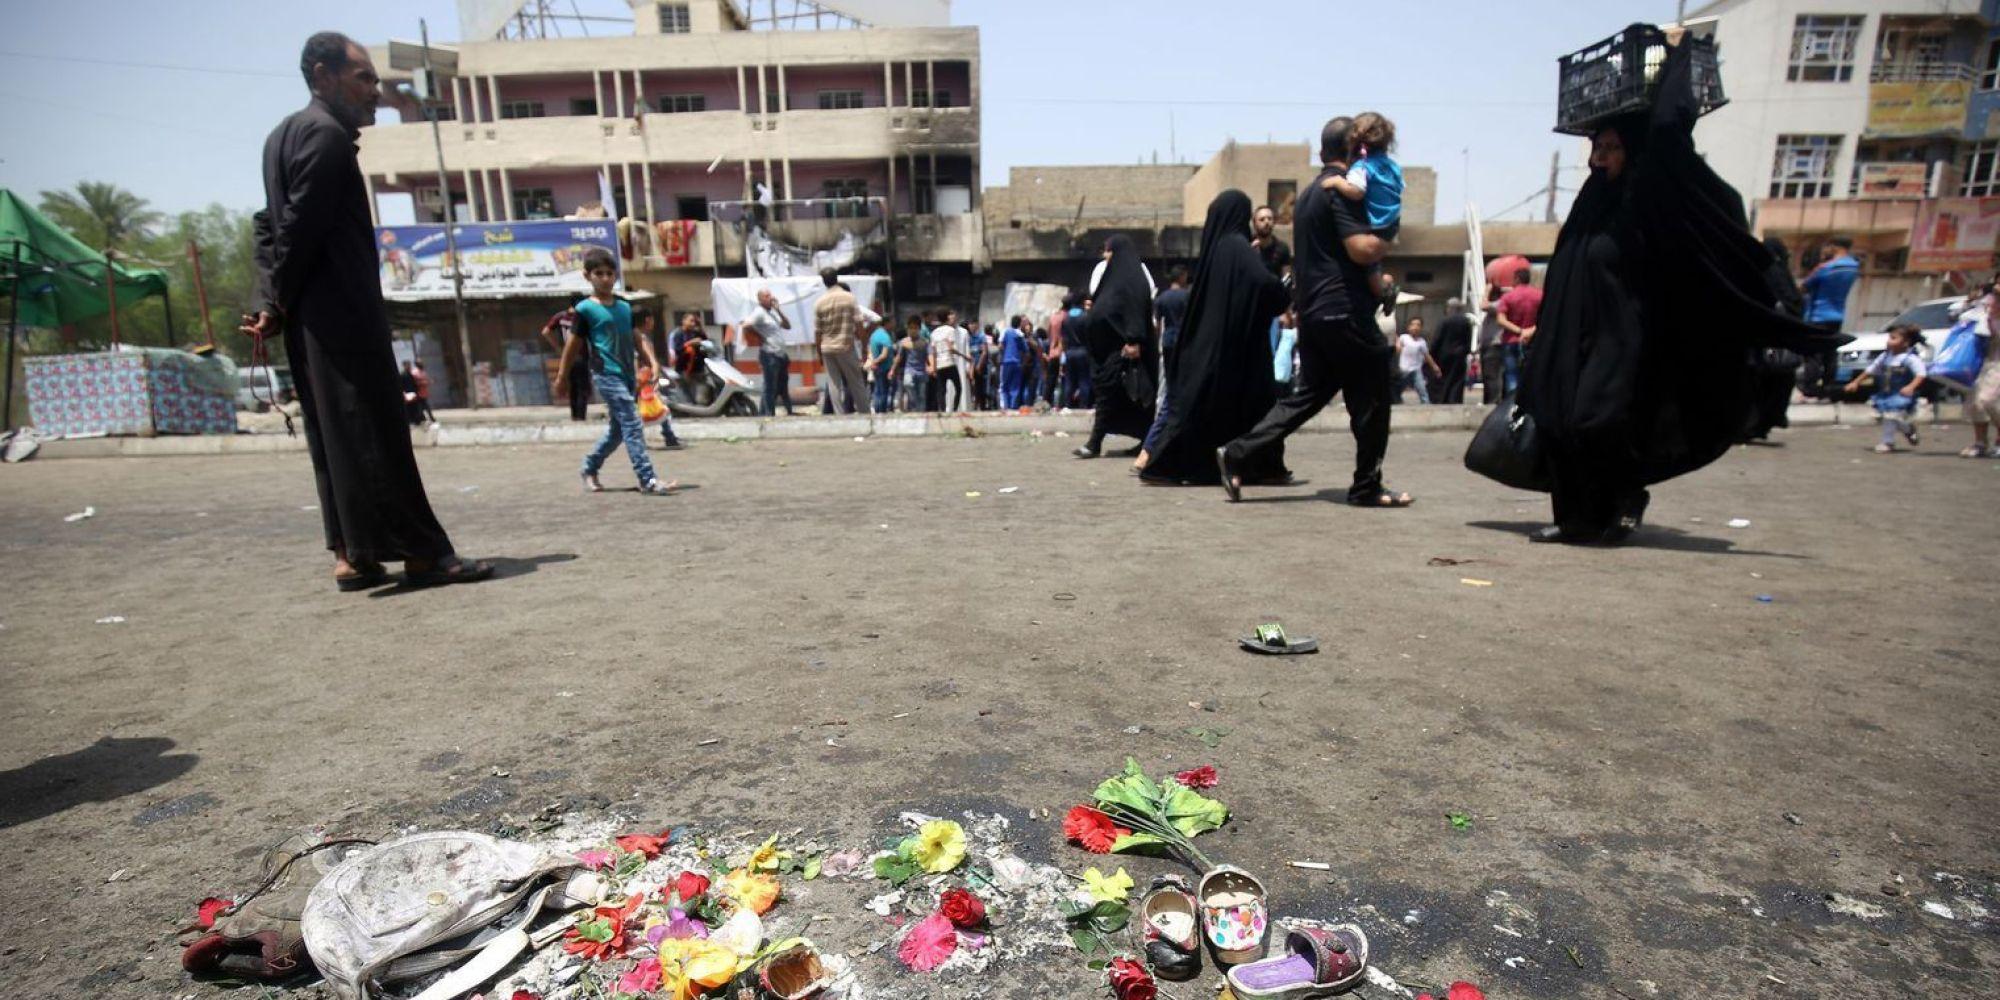 Attentat Facebook: Un Attentat à La Voiture Piégée Fait Dix Morts En Irak